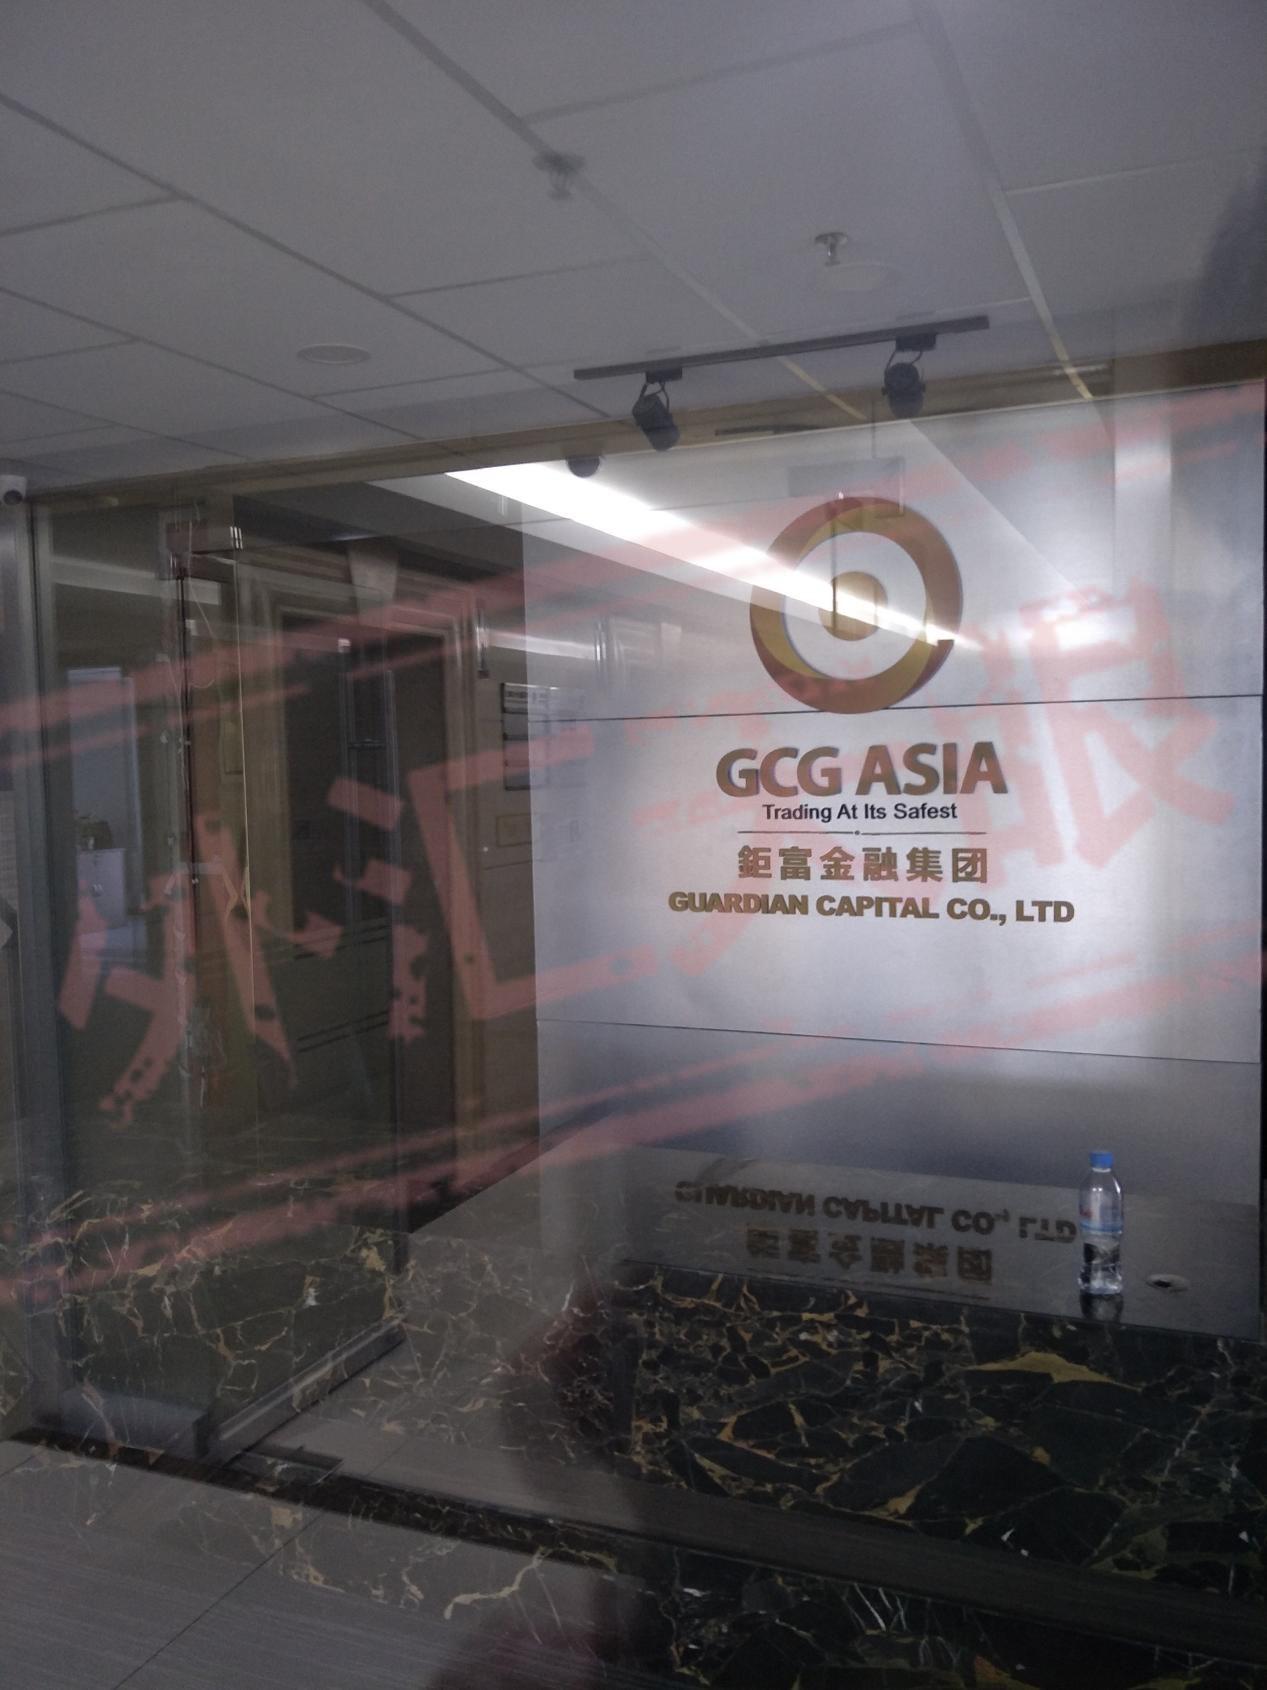 WikiFX khảo sát thực tế trụ trở sàn giao dịch GCG Asia tại Campuchia